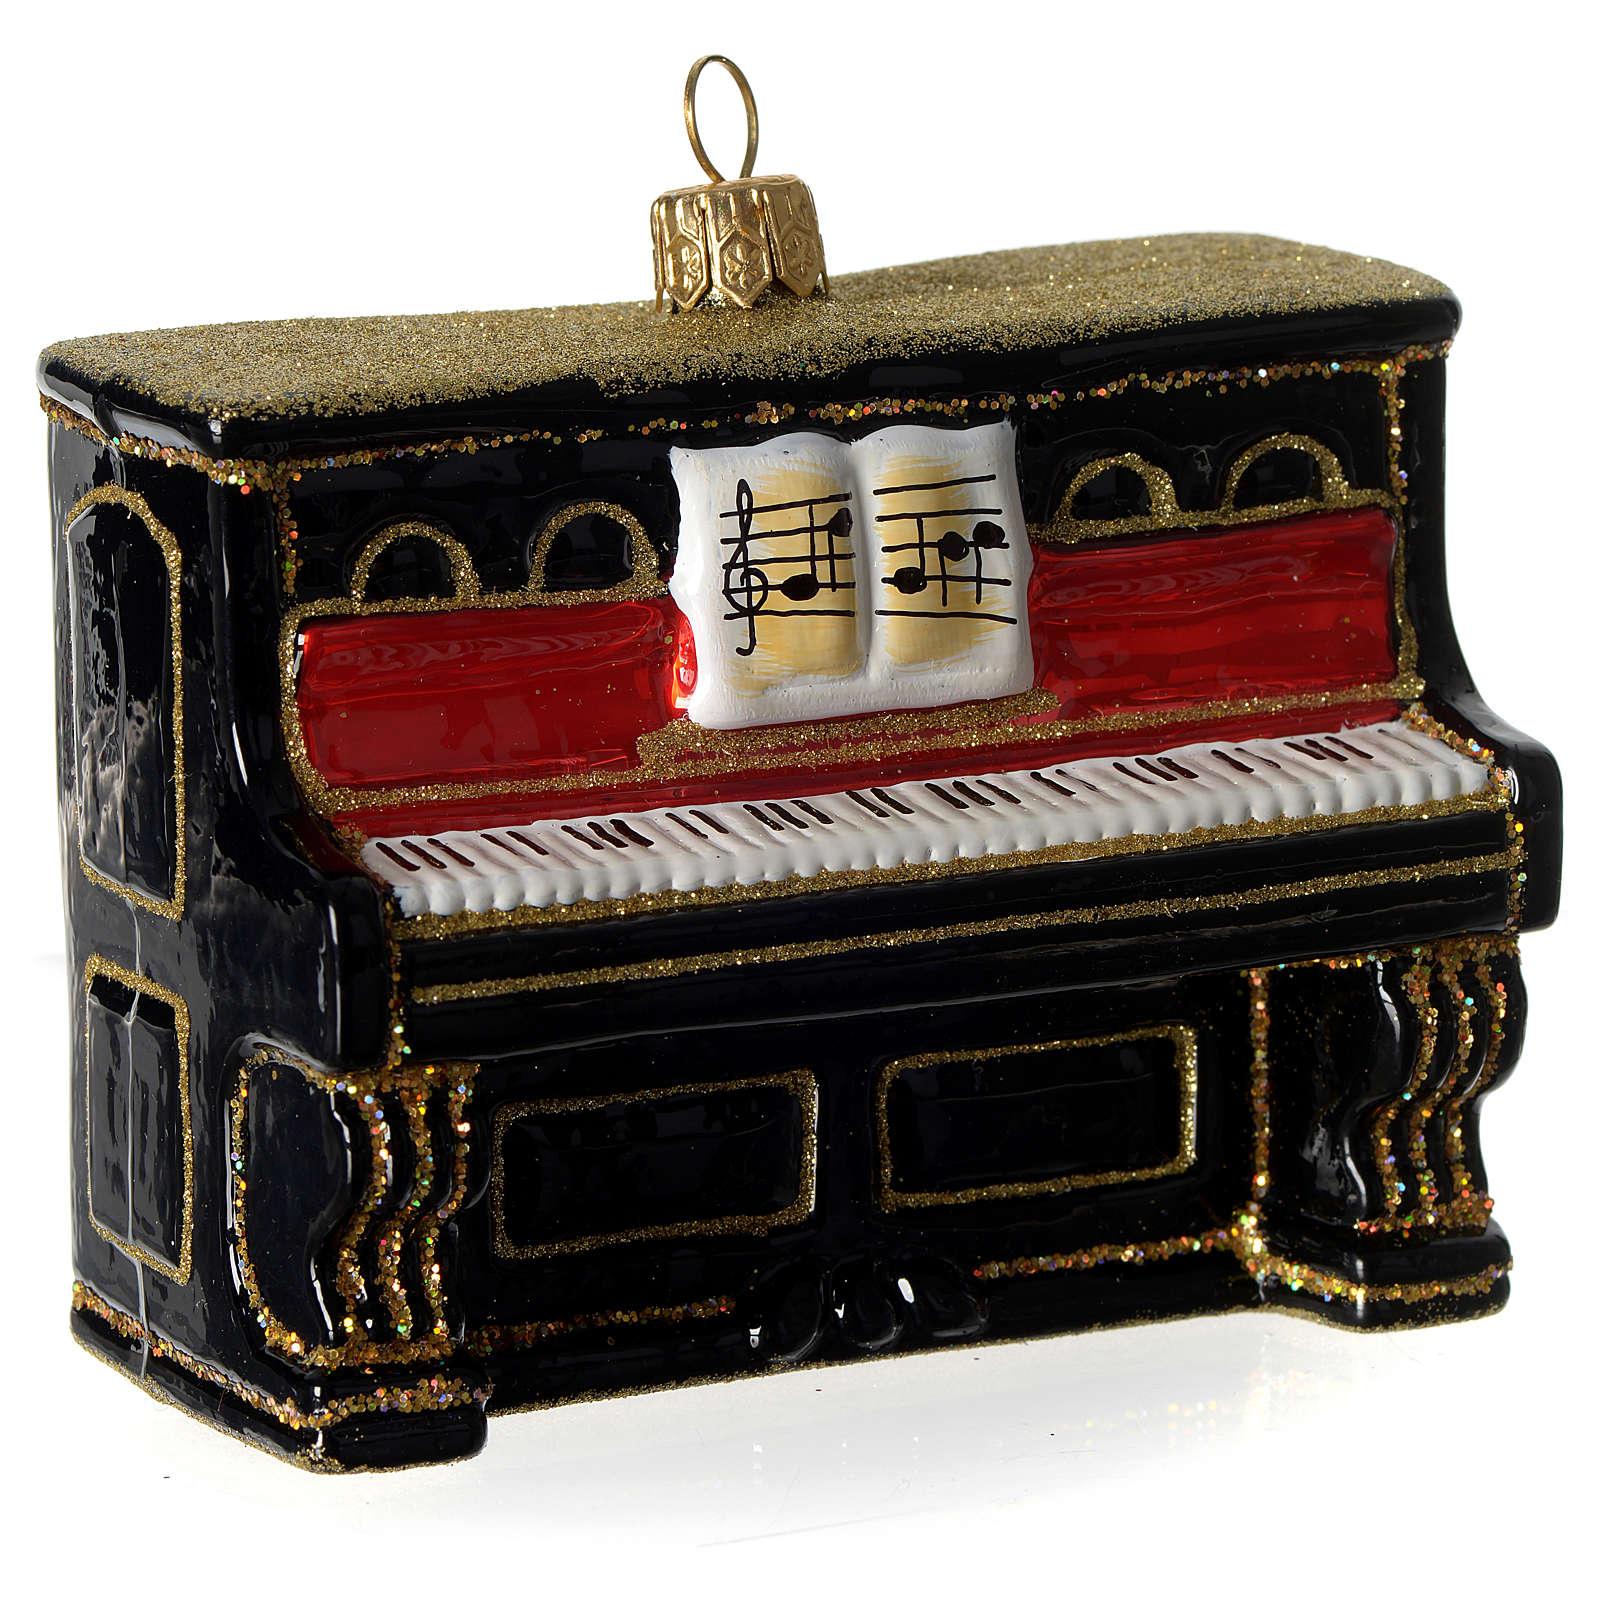 Piano adorno em vidro soprado para árvore Natal 4